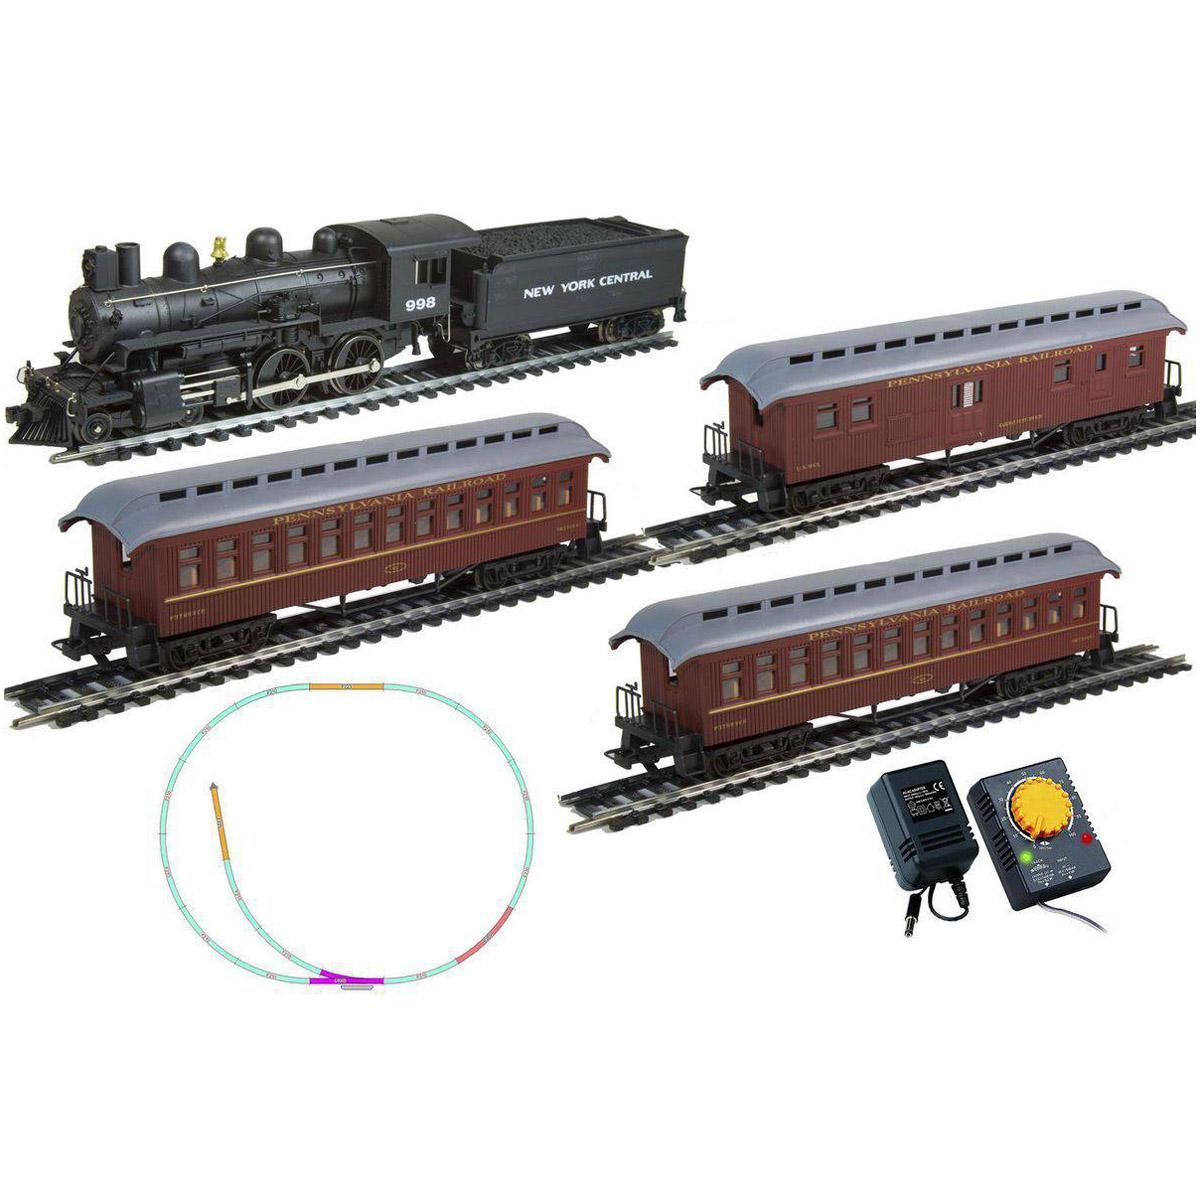 Стартовый набор Mehano Hobby Pan American   (4-4-0)   с 3-мя вагонами<br>